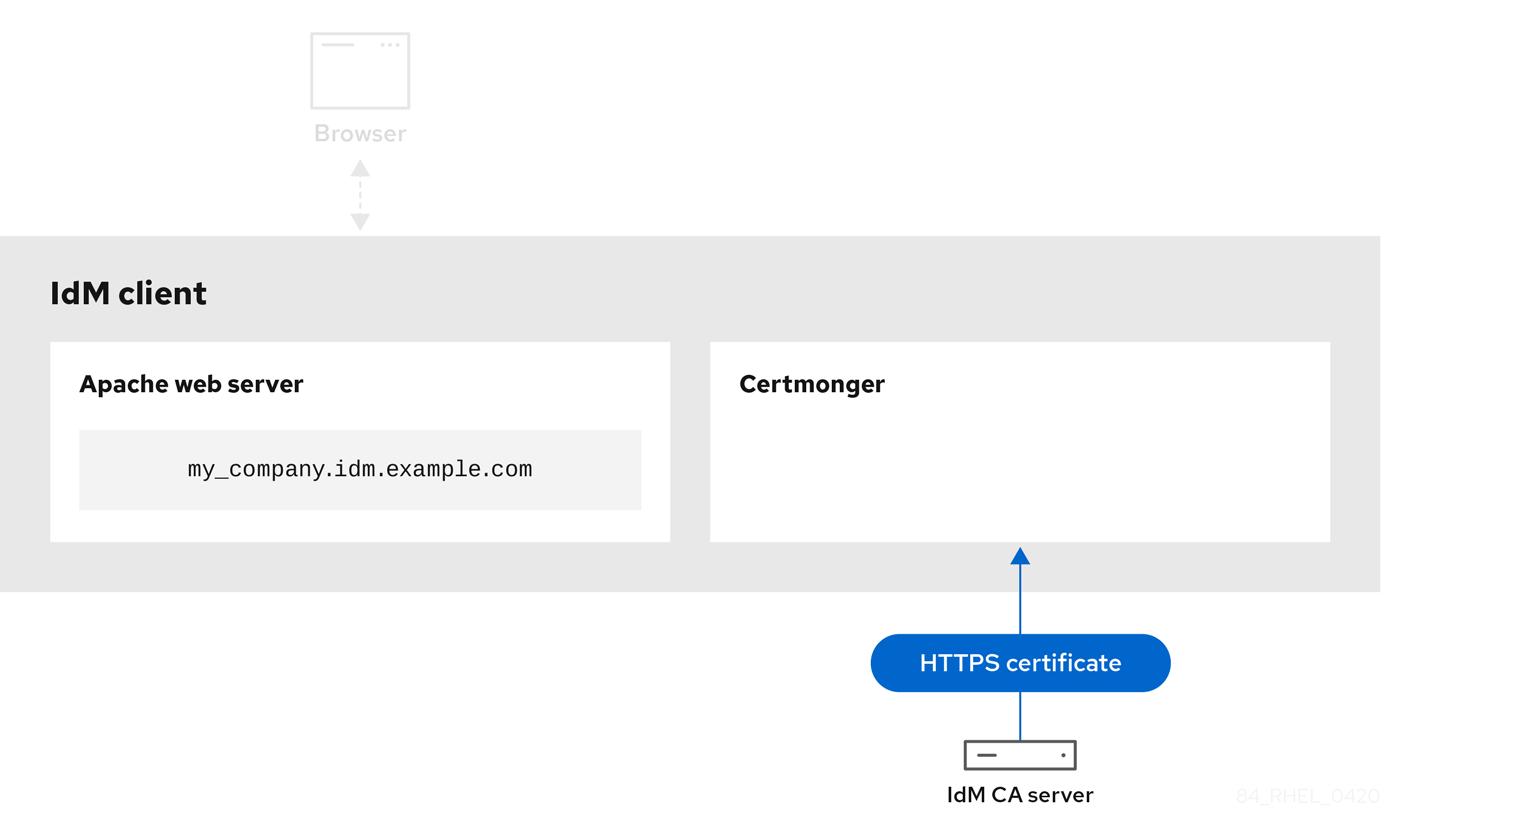 显示 IdM CA 服务器和 IdM 客户端上的 certmonger 服务之间的箭头图 - 显示它正在连接并发送 HTTPS 证书。